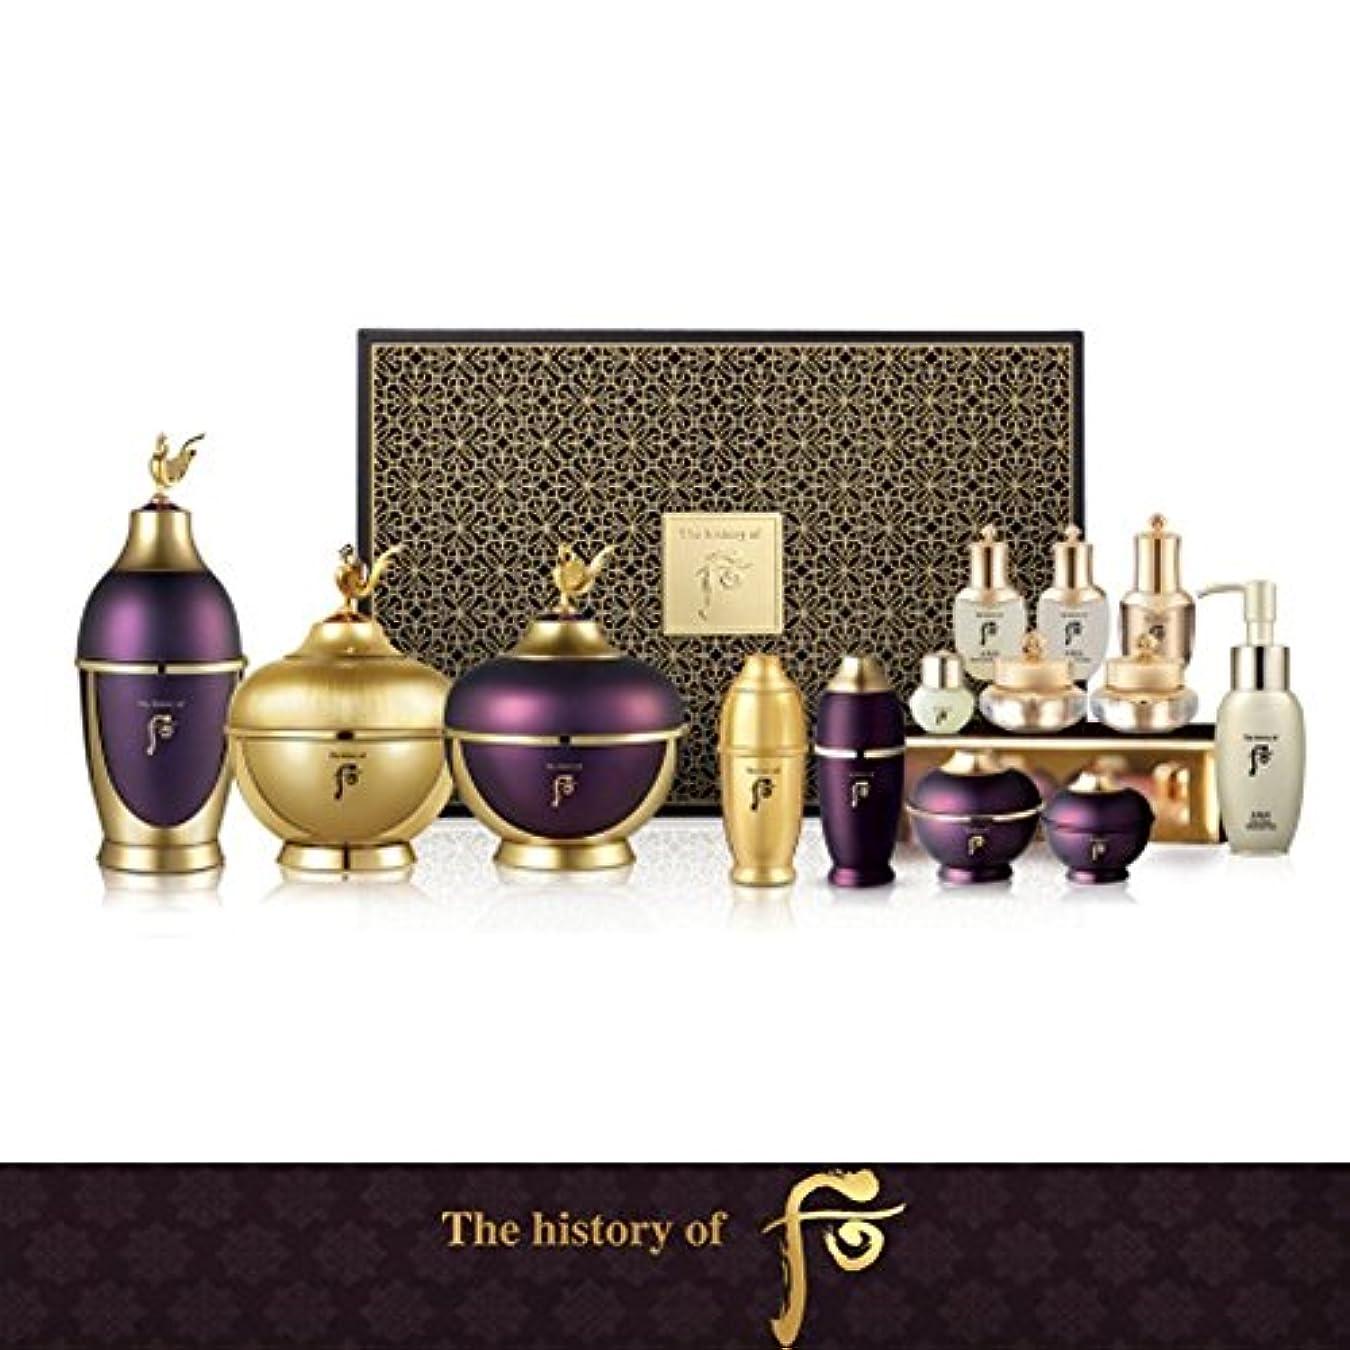 恐ろしい五返済【フー/The history of whoo] Whoo后 Hwanyu Full Special Set/后(フー)后還幼(ファンユ)フルセット+[Sample Gift](海外直送品)